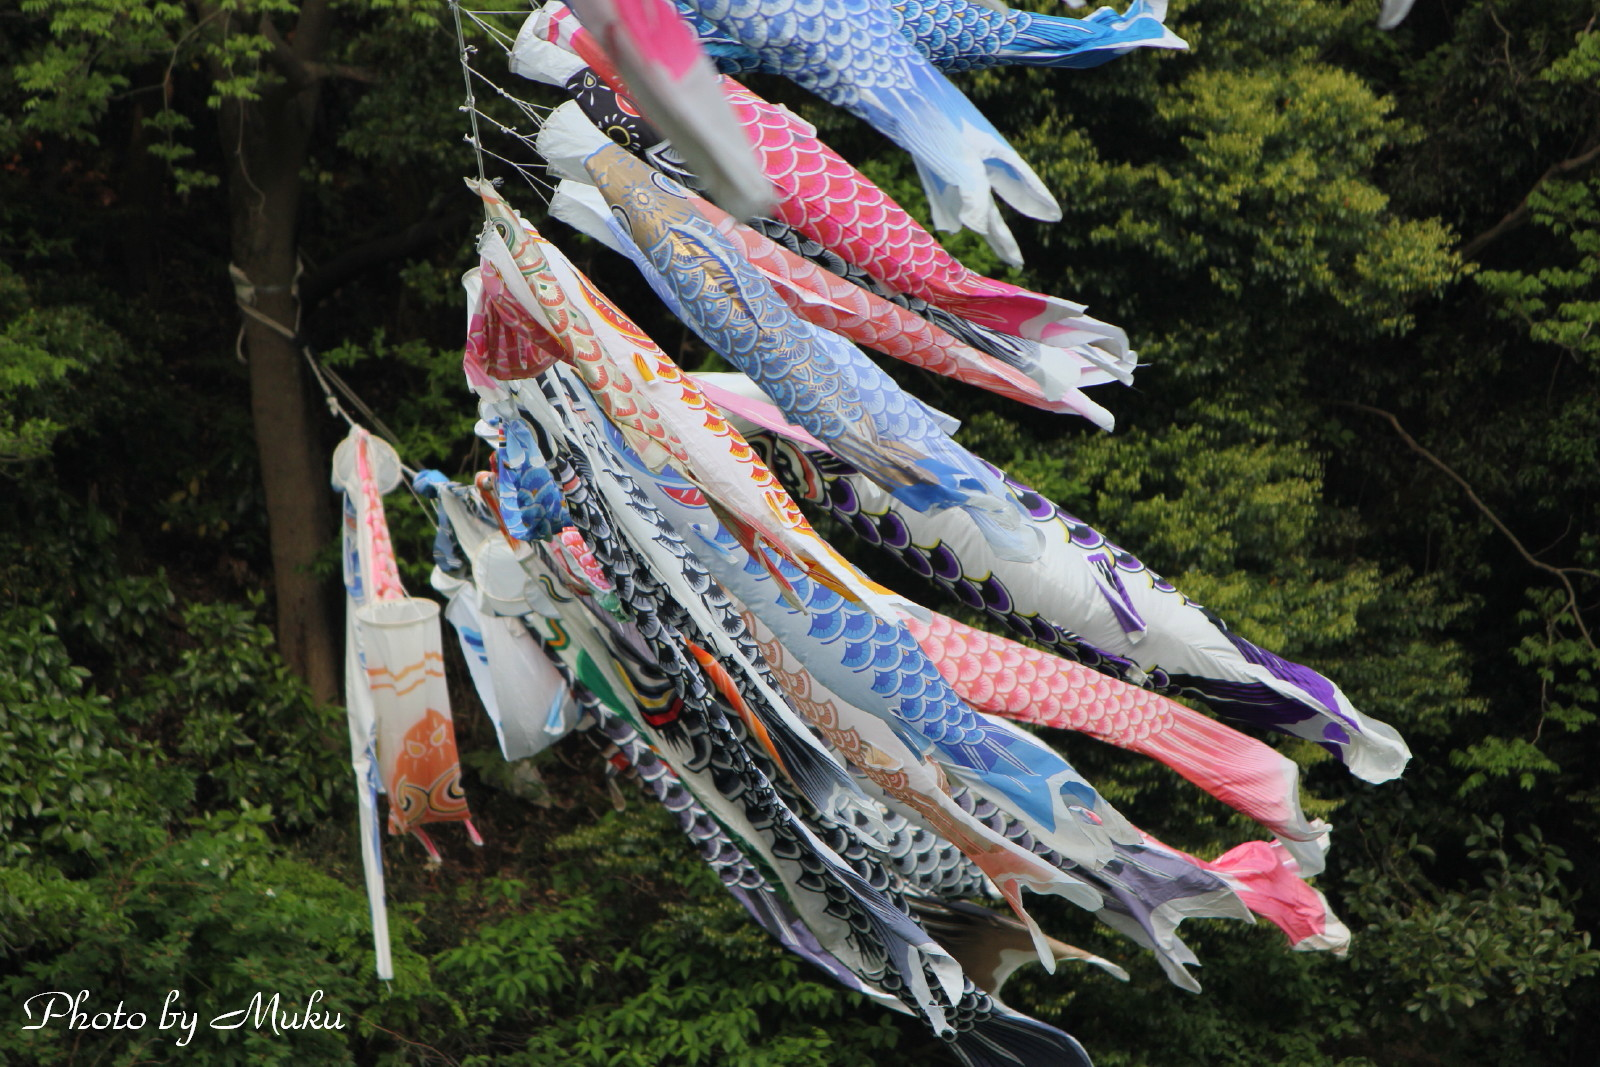 2014/05/01_鯉のぼり(くりはま花の園:神奈川県横須賀市)